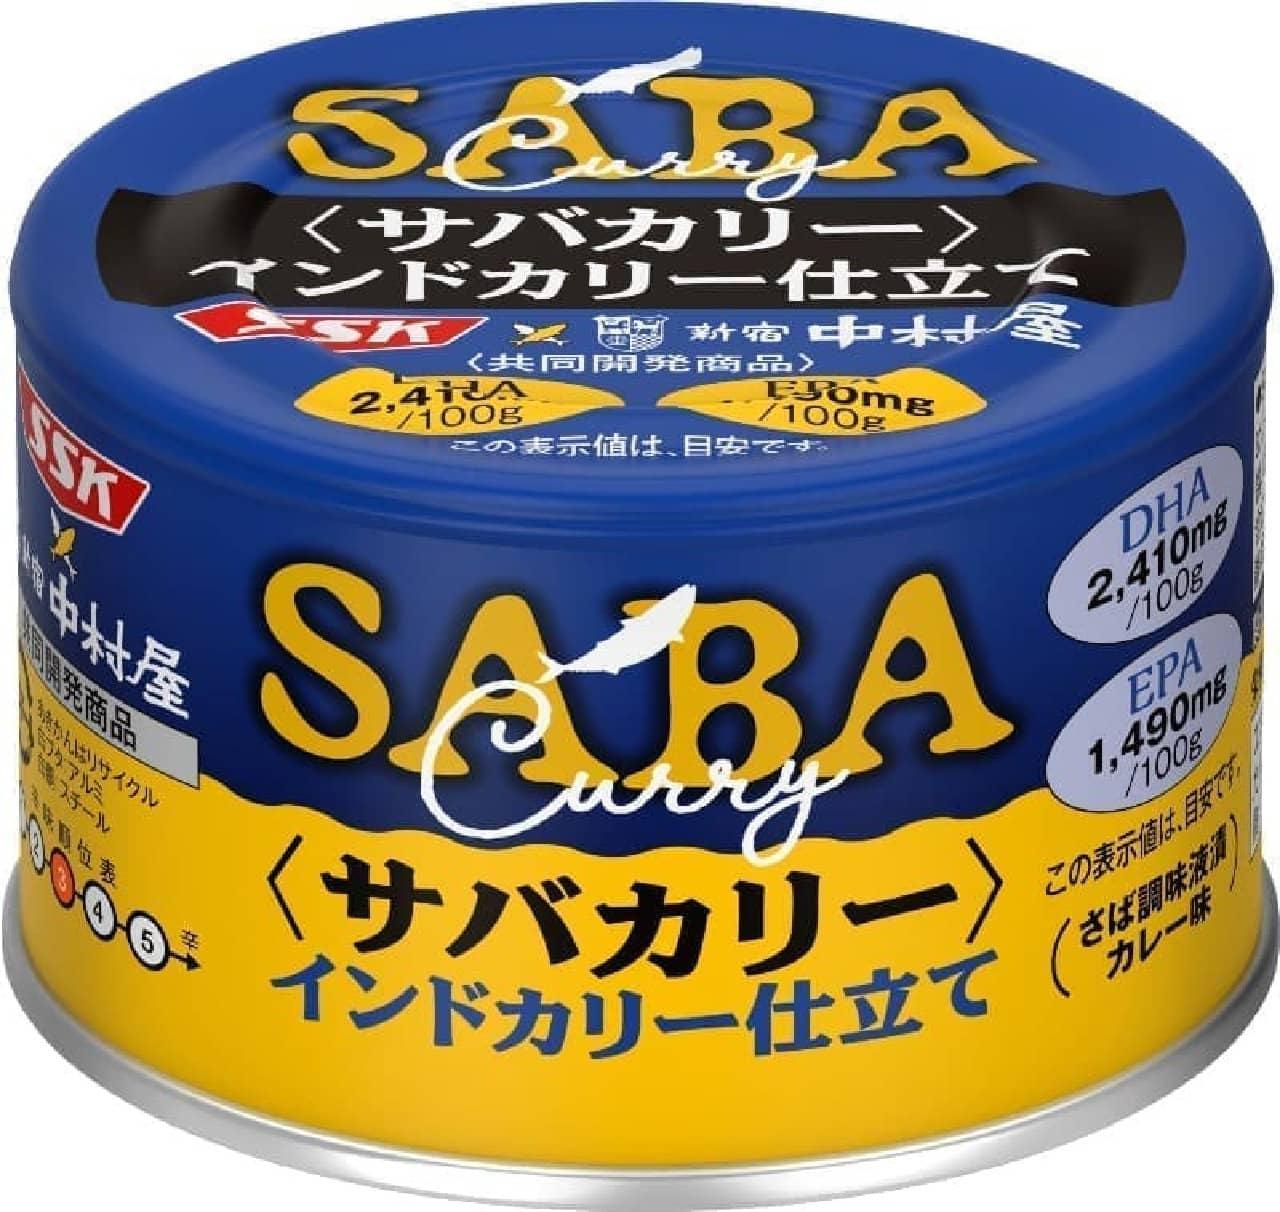 清水食品のサバカリー缶詰